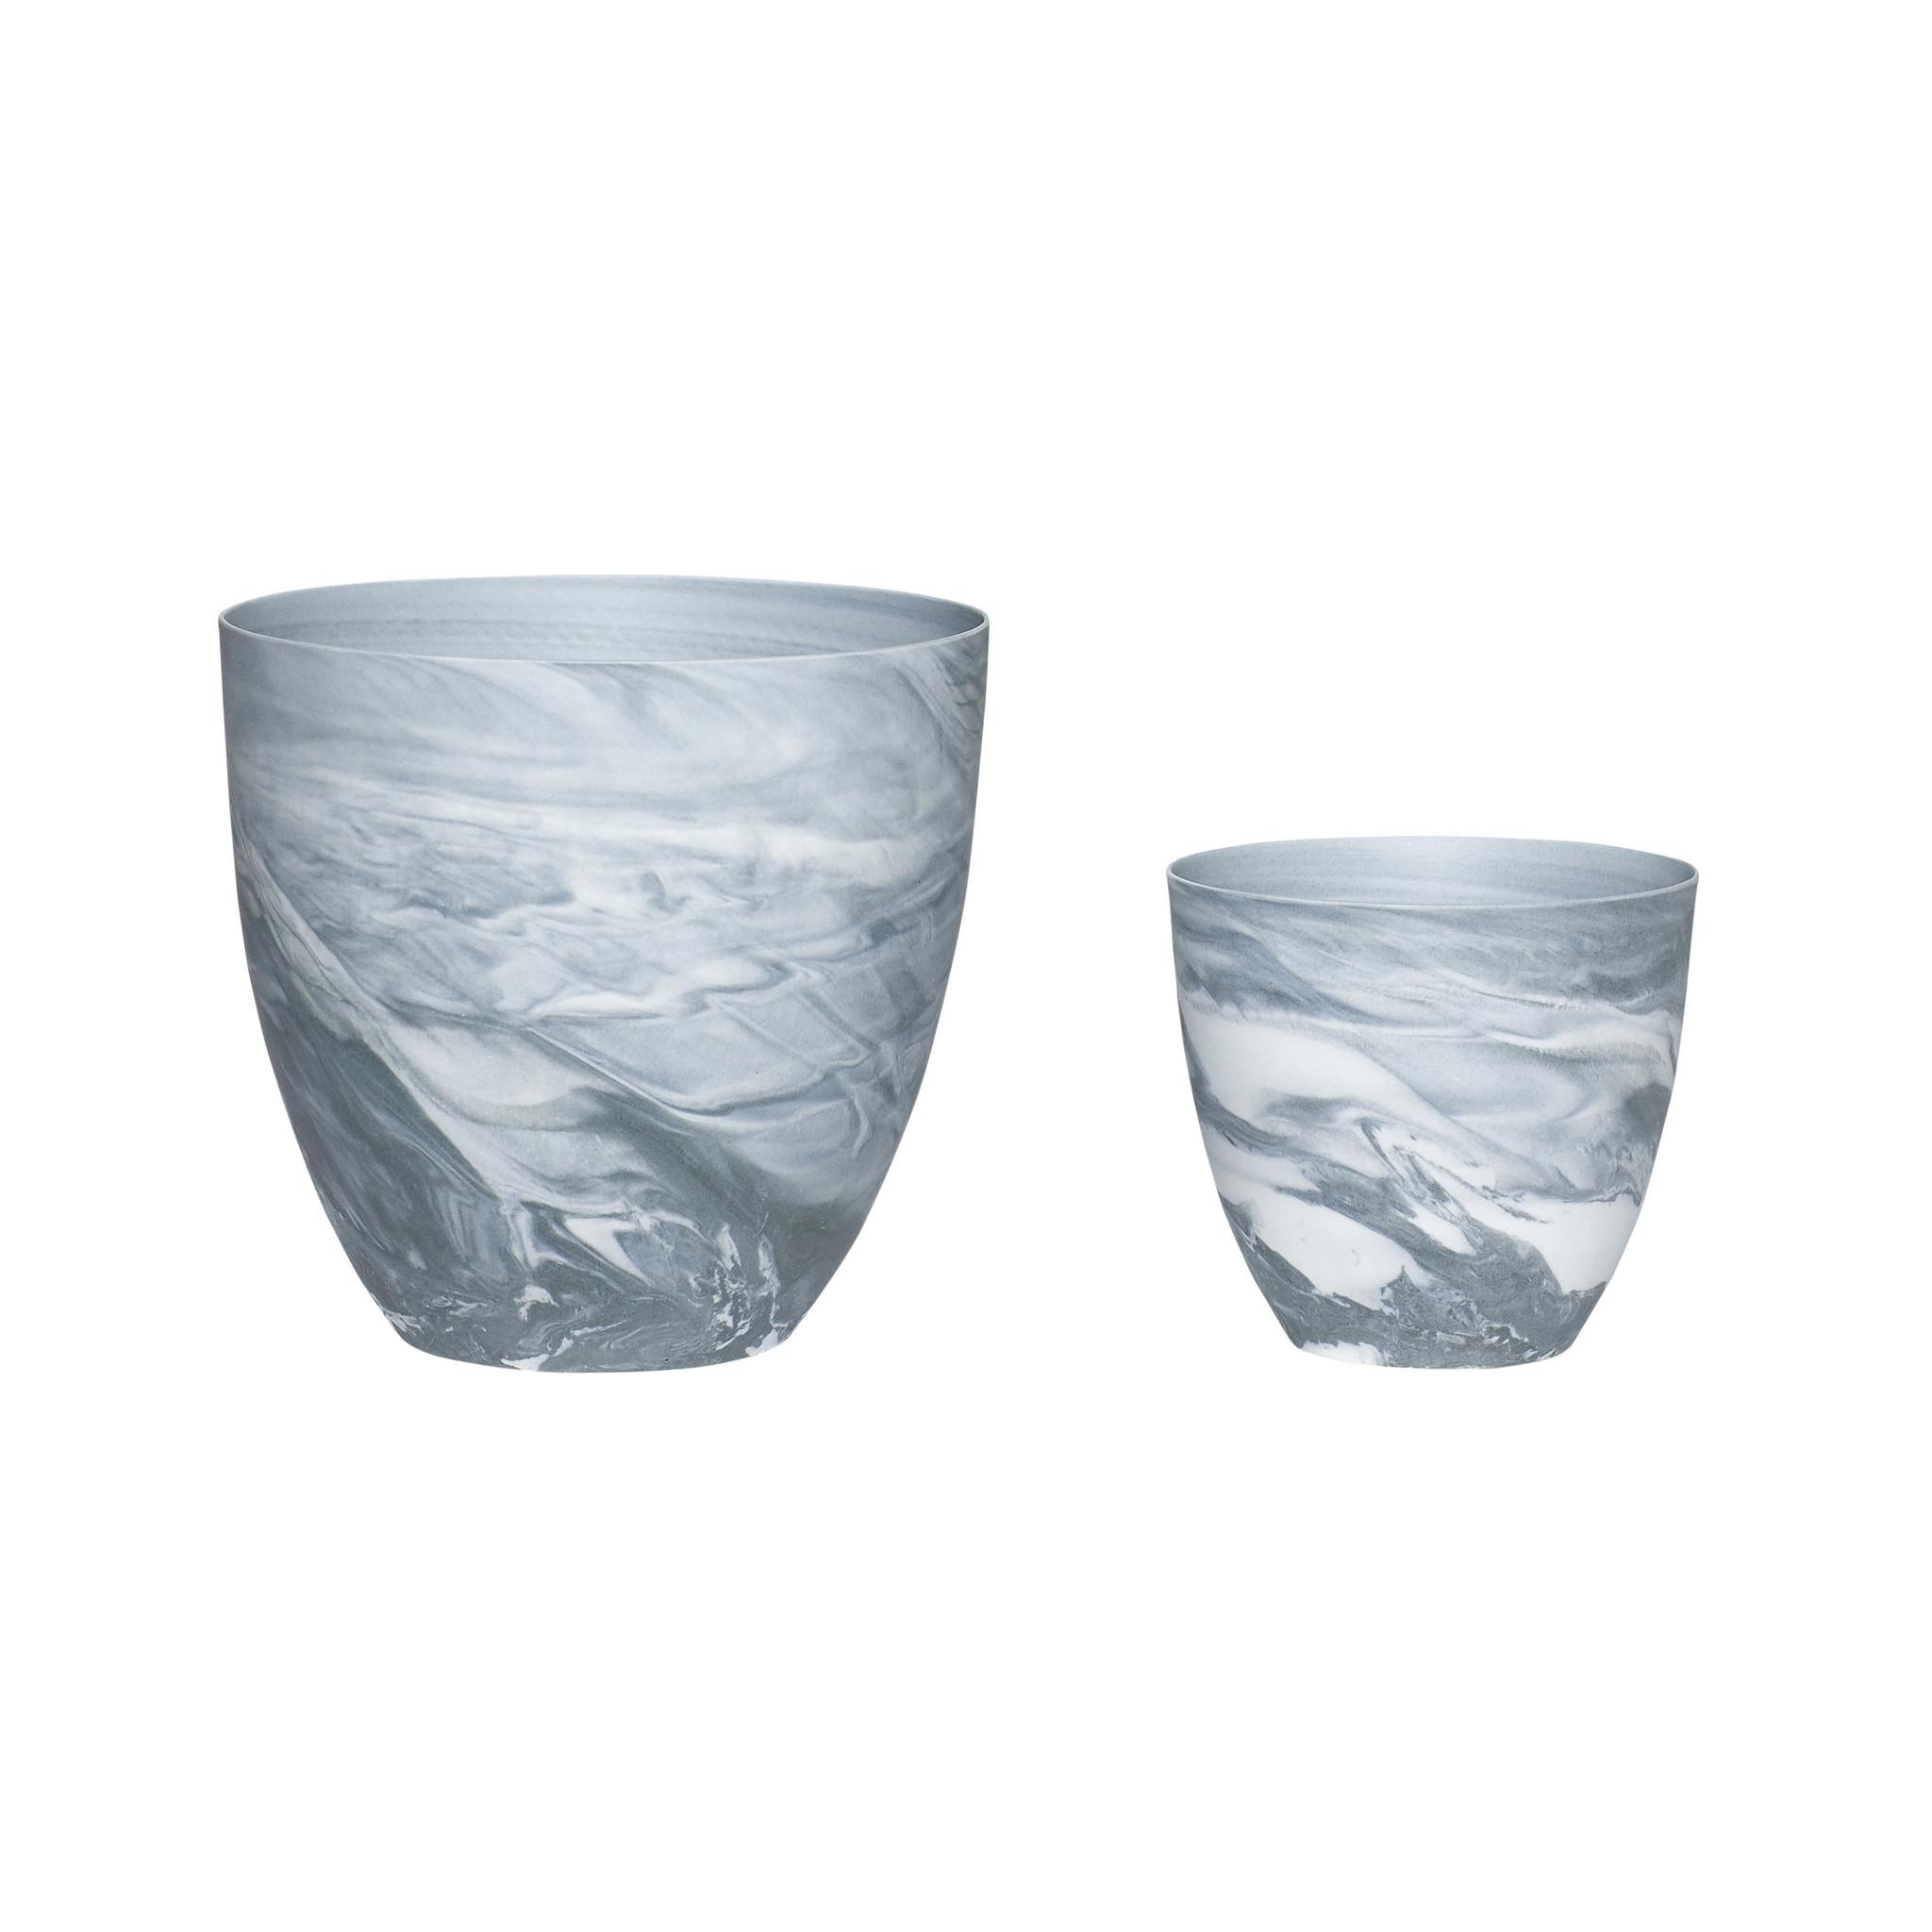 Hubsch Theelichtglas, porselein, donkergrijset van wit, set van 2